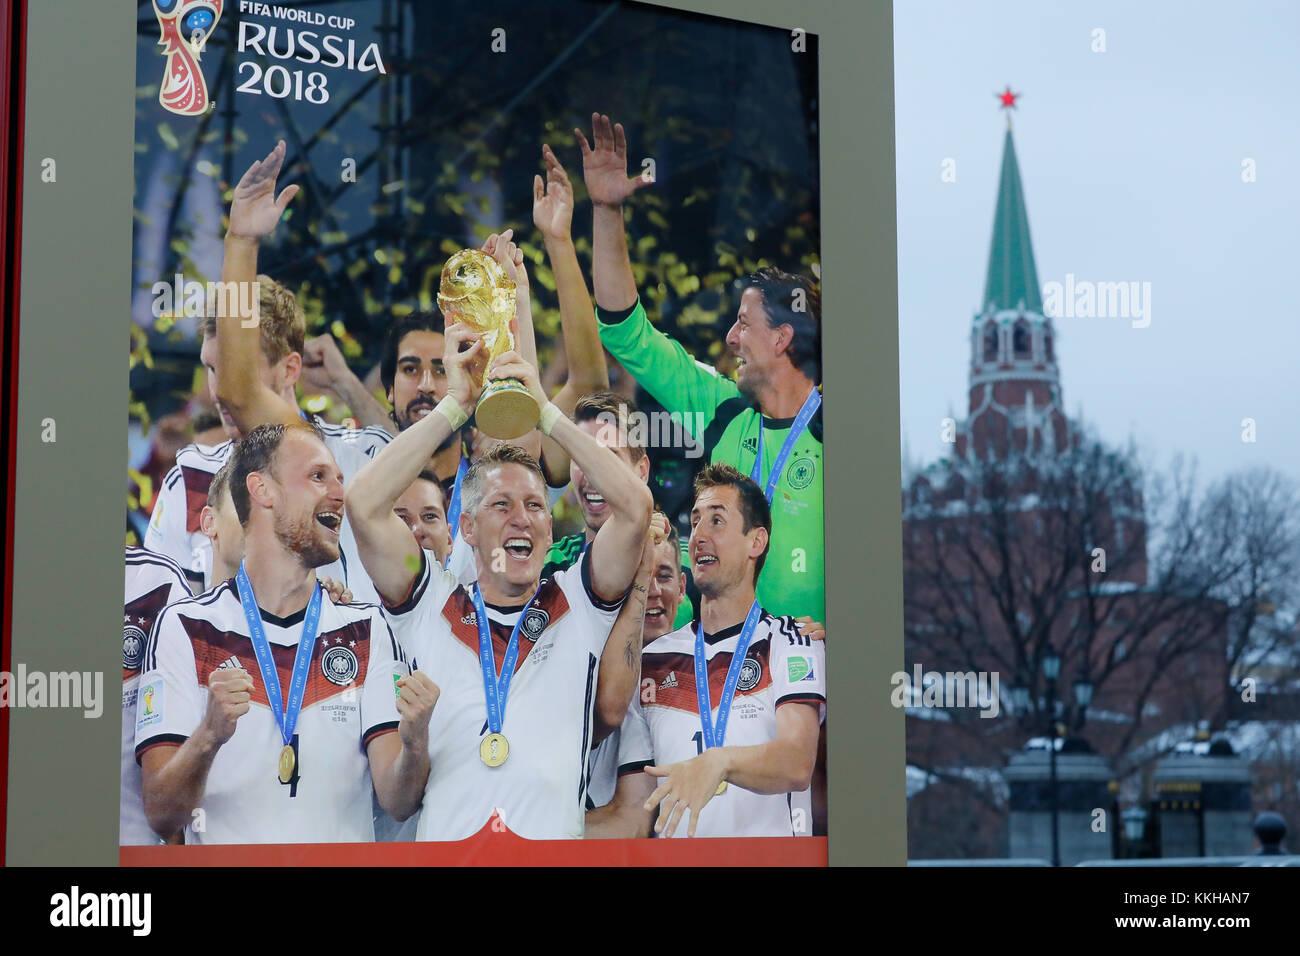 Moskau, Russland. 29 de noviembre de 2017. Der Kreml con WM 2018 Logos und Plakaten. Hier con einem Plakat vom Weltmeister 2014 Alemania con Bastian Schweinsteiger. Característica/Schmuckbild/Hintergrund/Hintergrundbild. Fussball: Auslosung zur FIFA- Fussball Weltmeisterschaft 2018 en Moskau, Russland 01.12.2017 - Fútbol, sorteo de la Copa Mundial de la FIFA 2018, Moscú, 01 de diciembre de 2017  uso en todo el mundo crédito: dpa/Alamy Live News Foto de stock